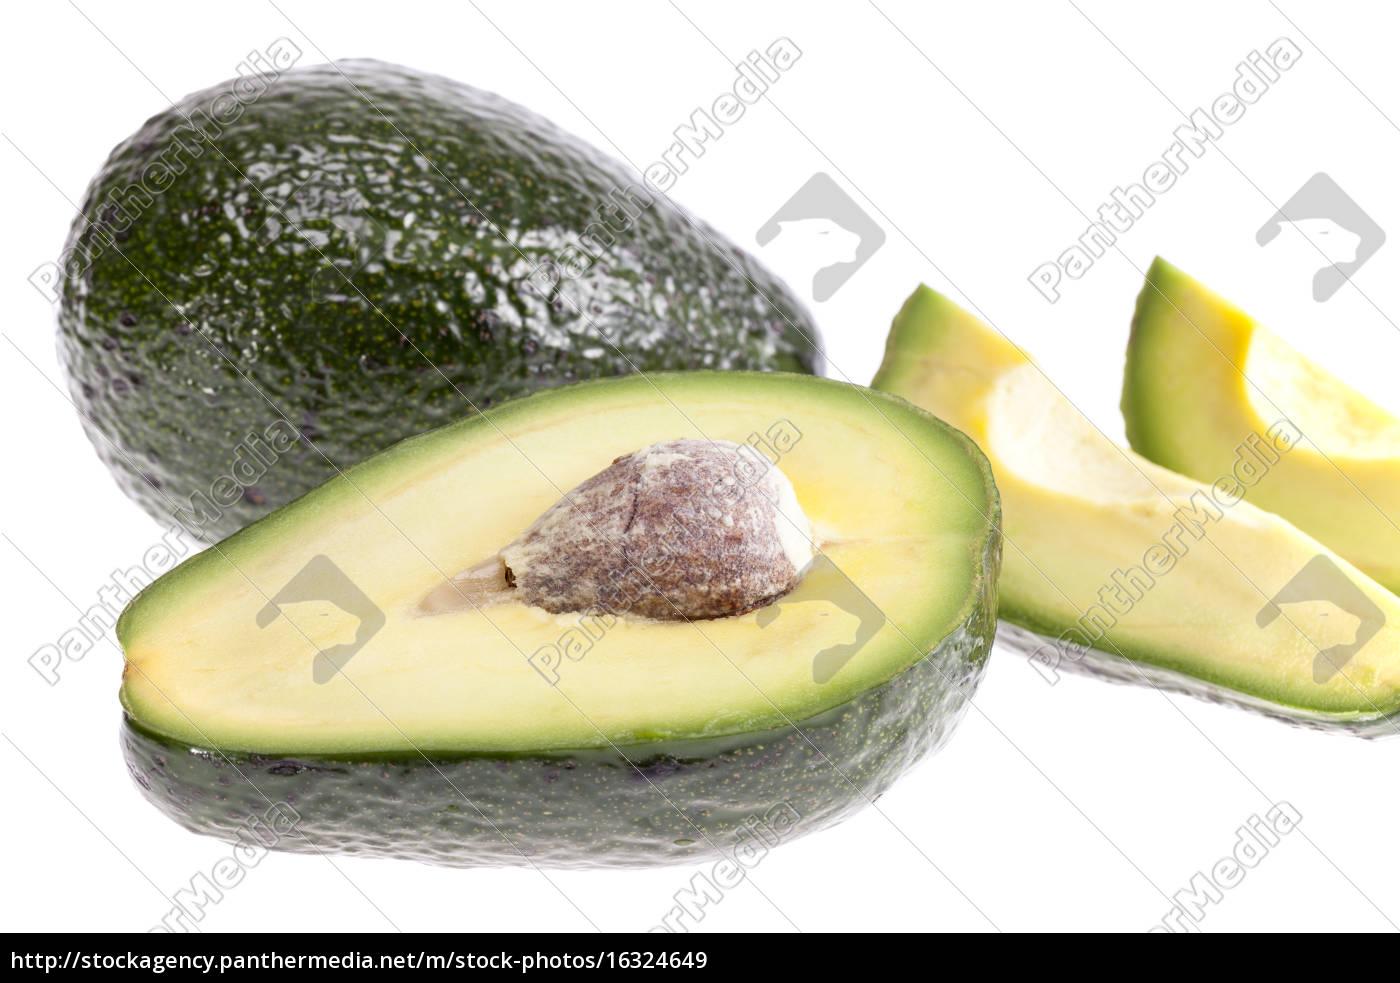 nogle, stykker, avocado, isoleret, på, hvid - 16324649